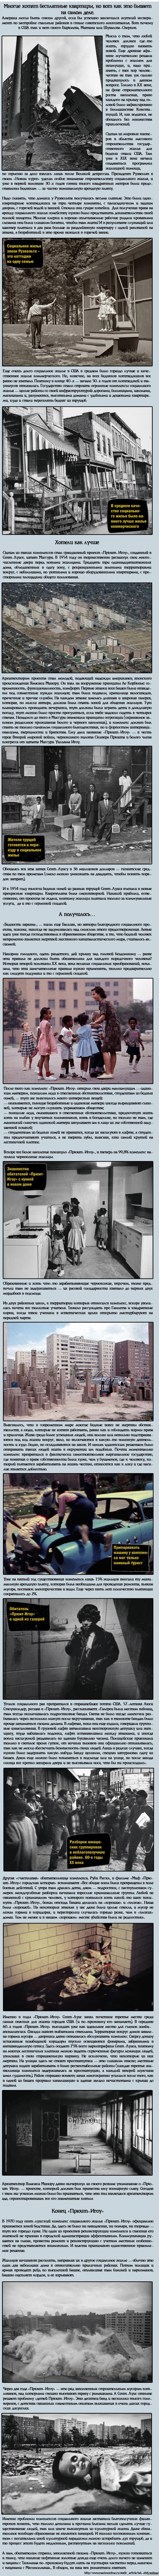 Бесплатное жильё в Америке...